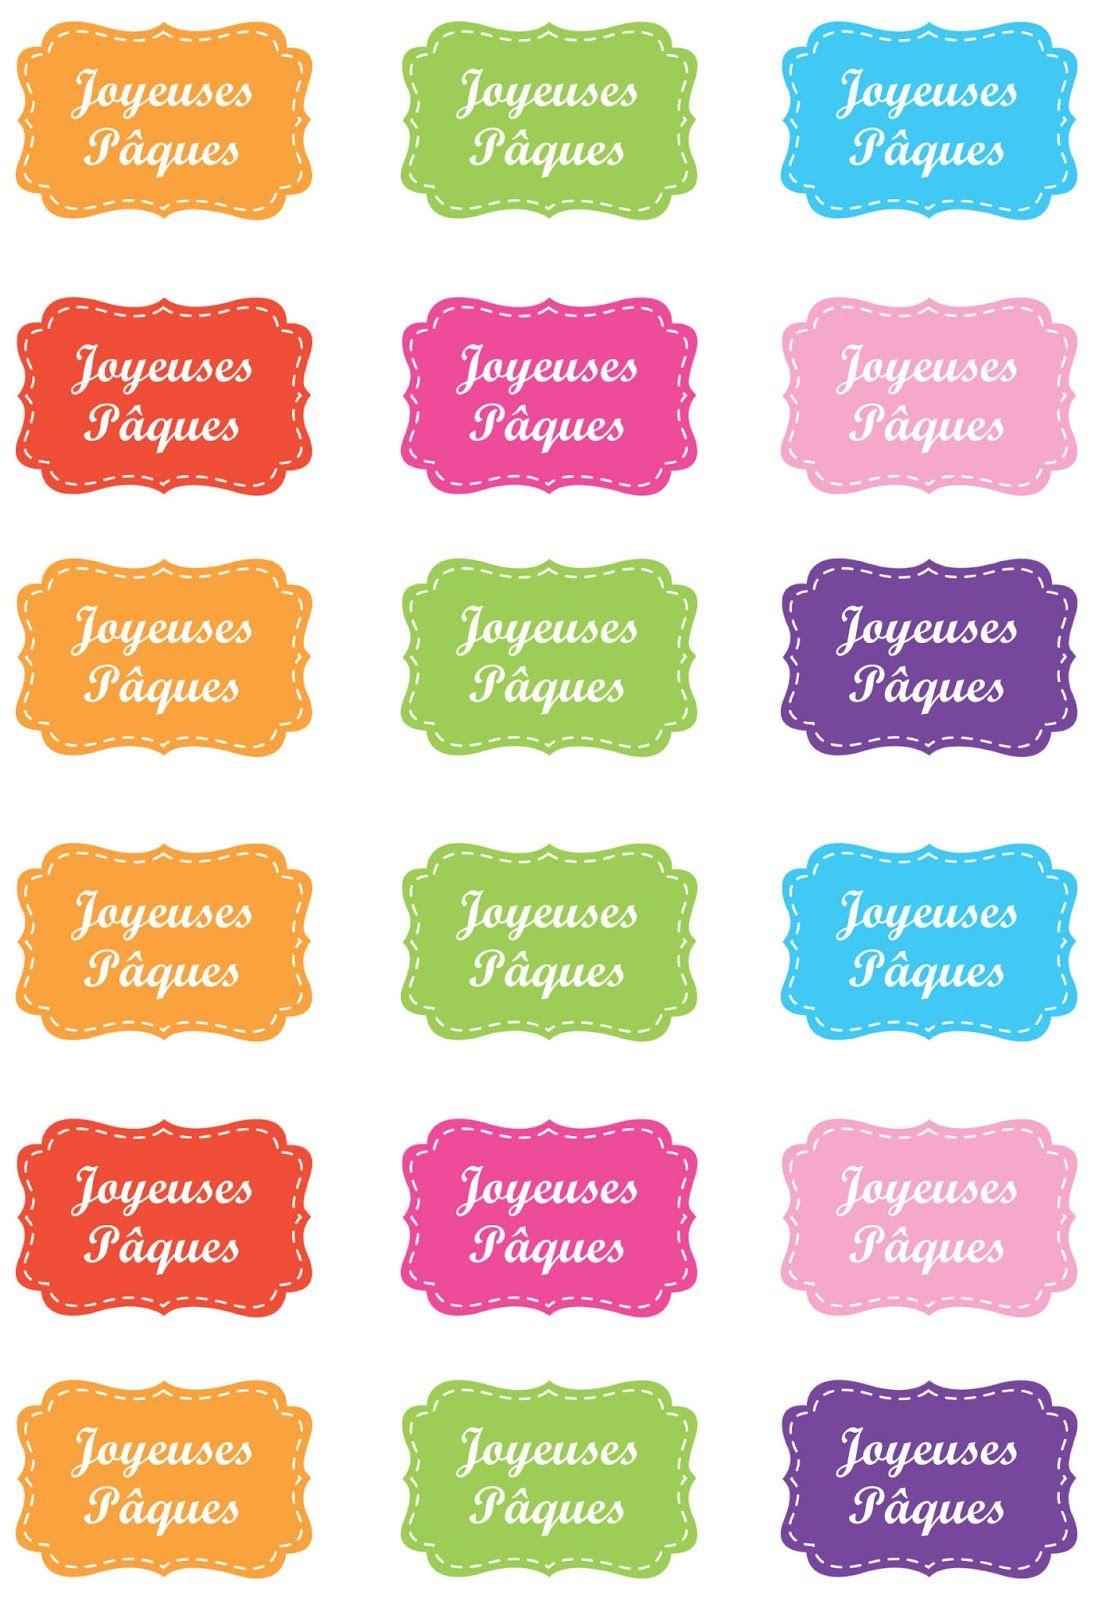 Etiquettes joyeuses p ques pour perforatrice tiquette d corative stampin 39 up p ques - Joyeuses paques images gratuites ...